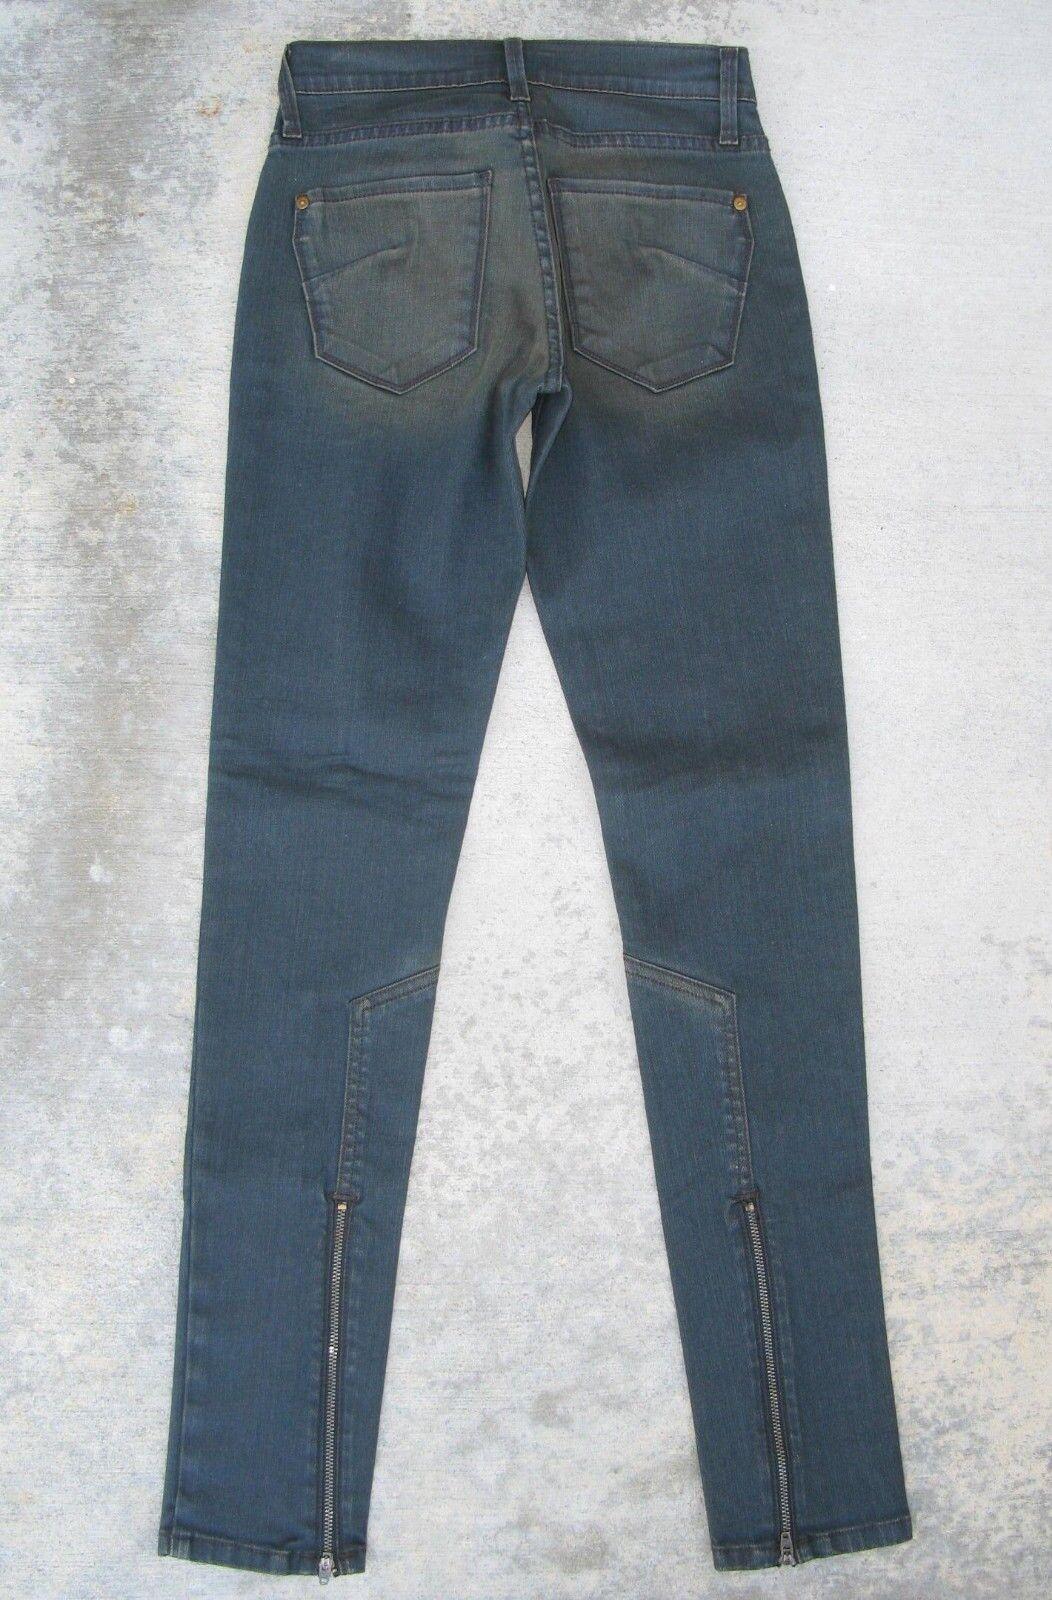 James Jeans Geo Skinny Twiggy Jeggings Zipper Hems Dark USA Made Sz 25 NEW  170